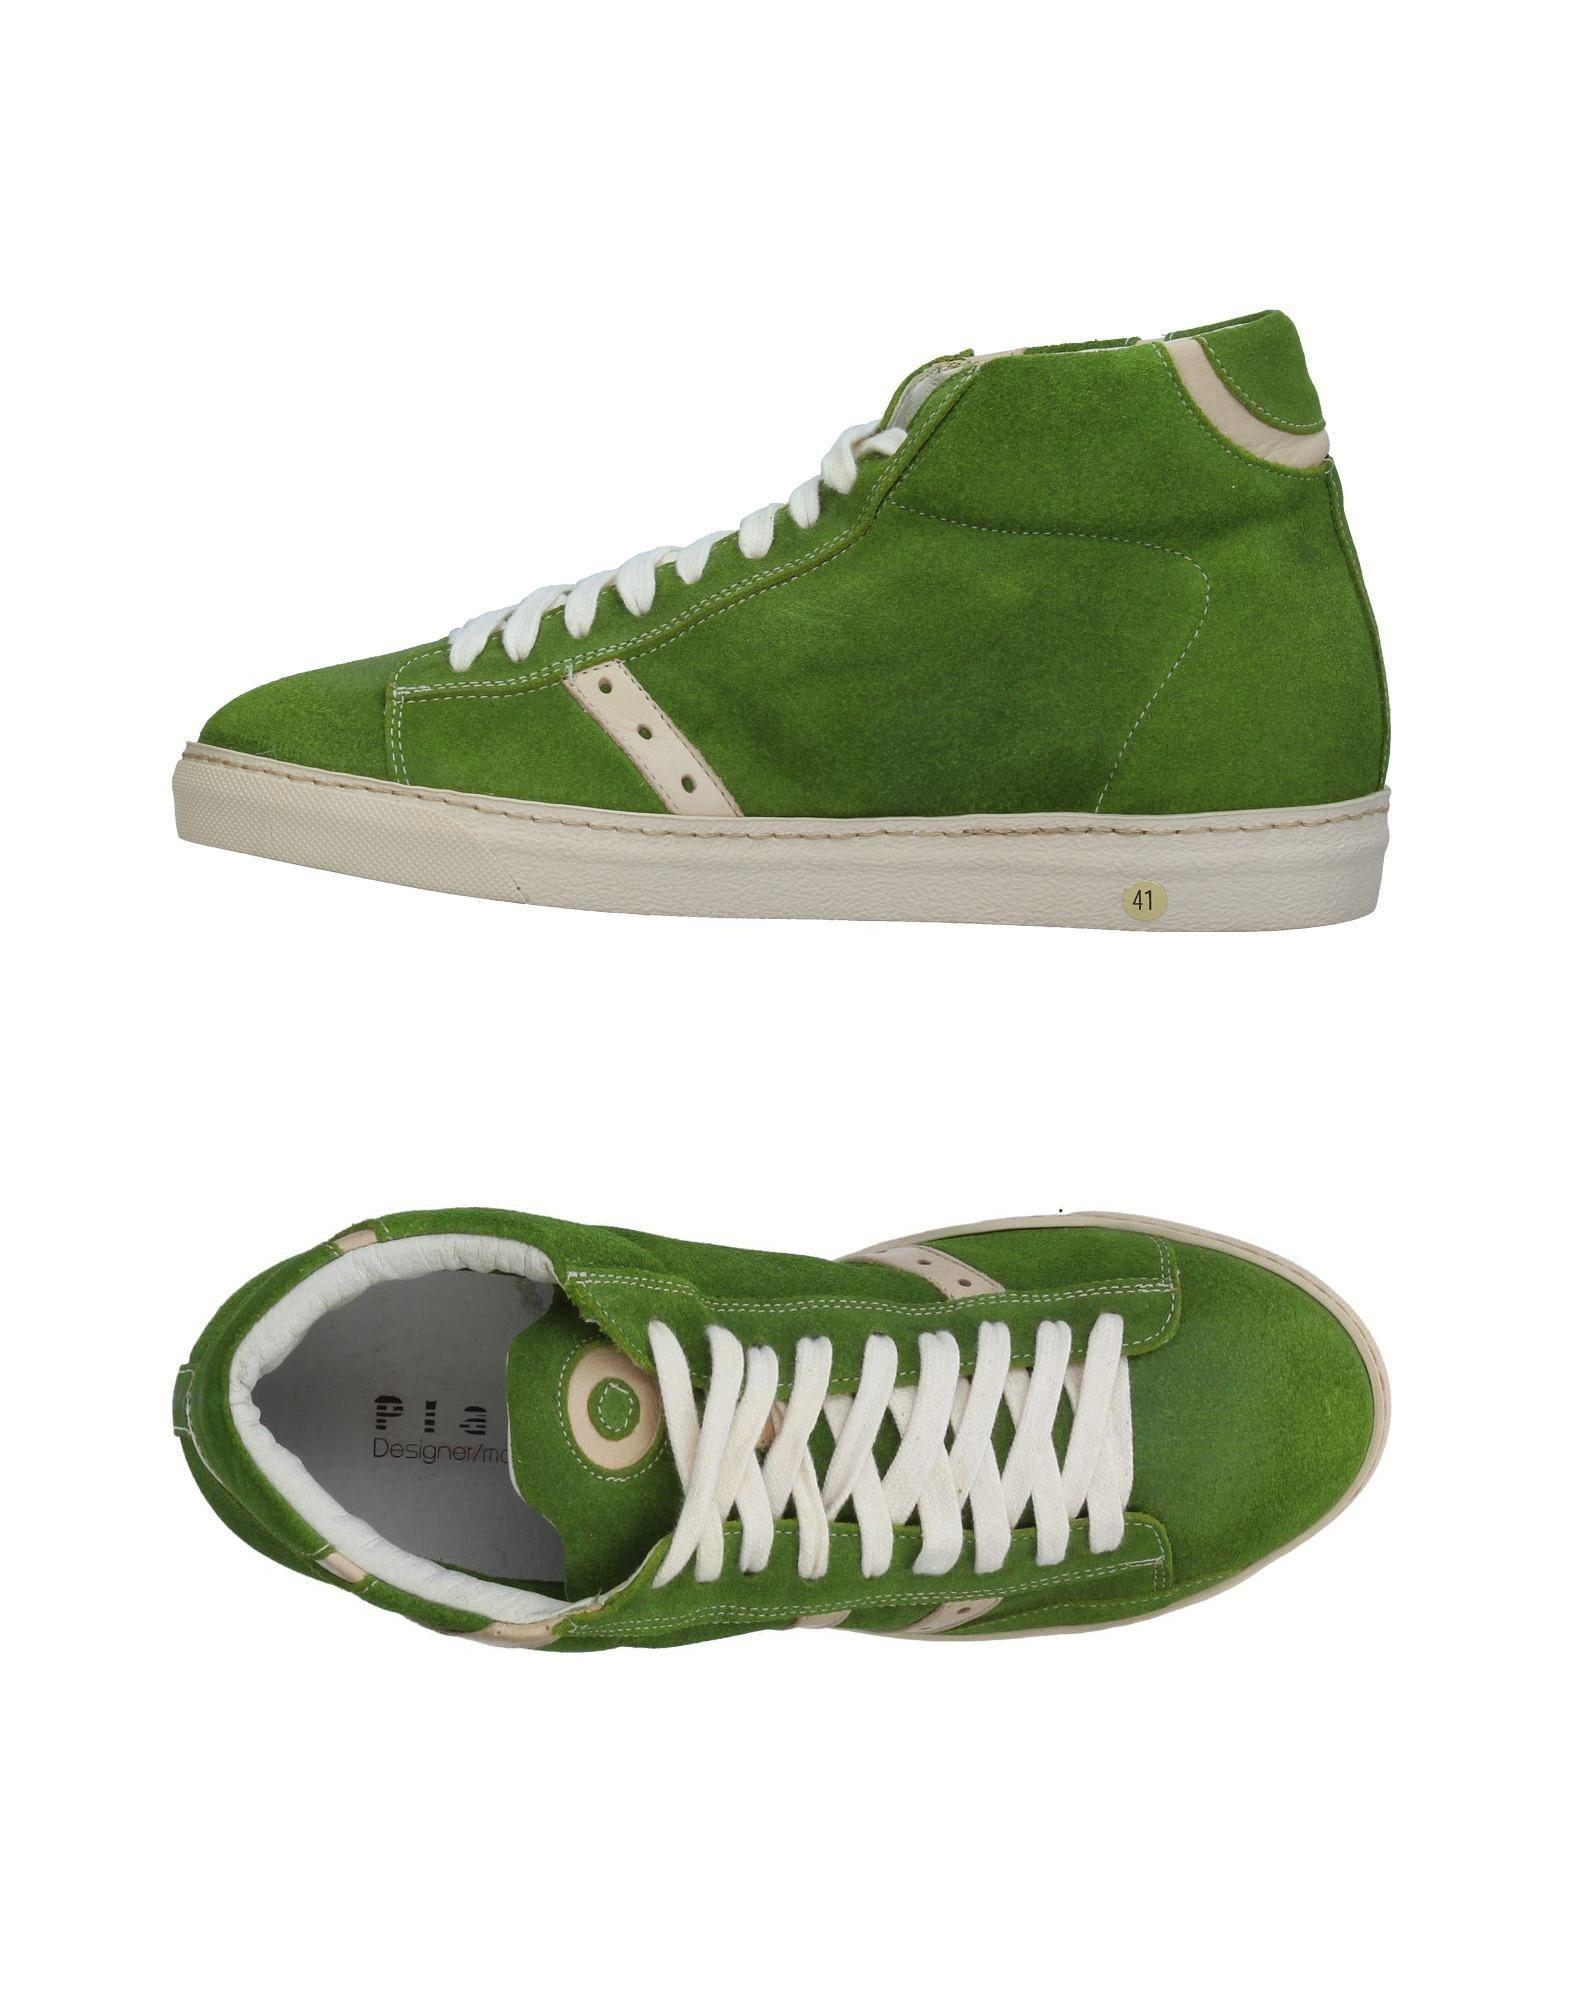 FOOTWEAR - Low-tops & sneakers Playhat hNLJUUI